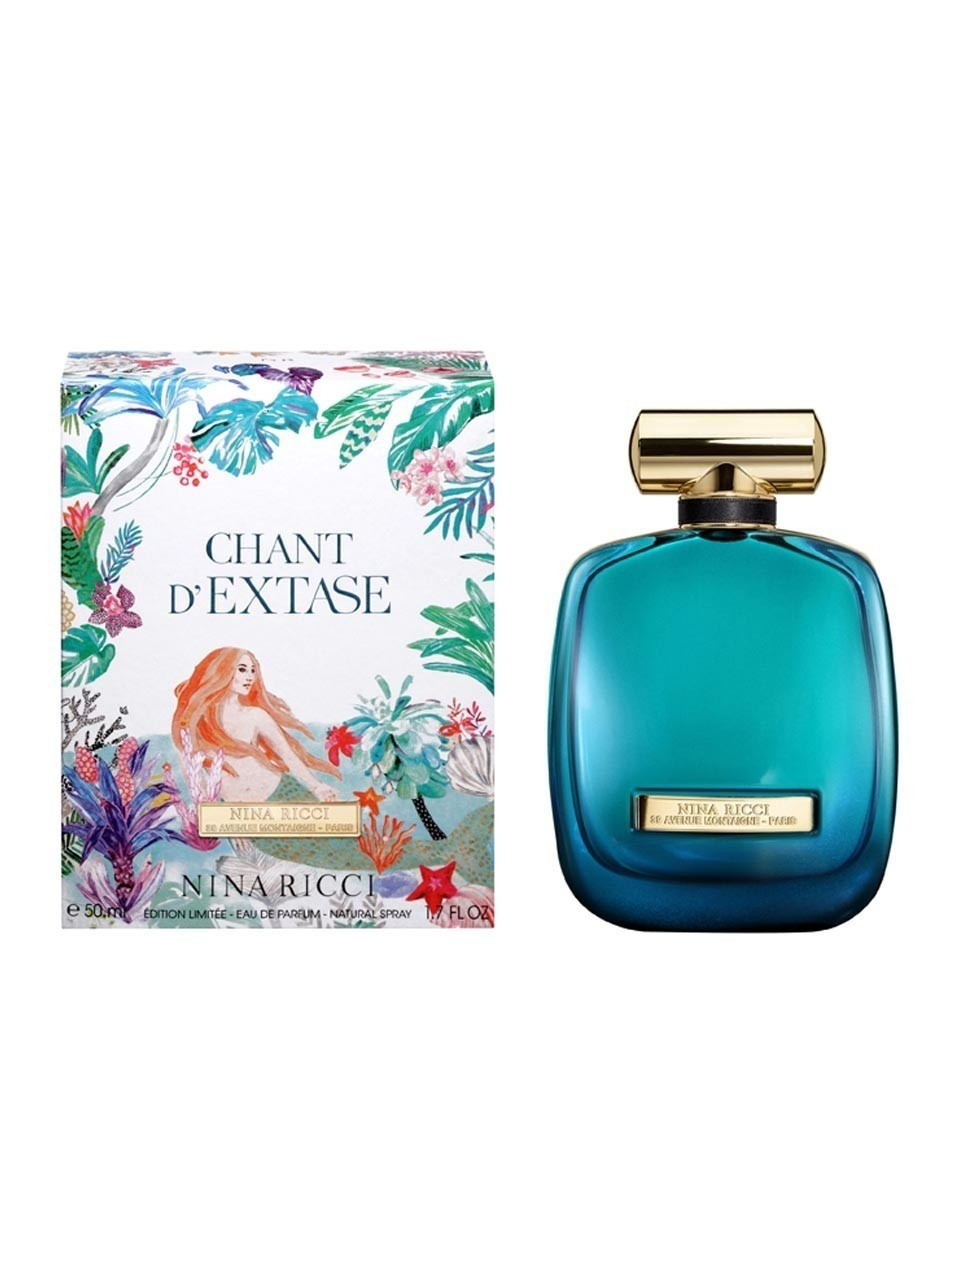 Nina Ricci Chant D'Extase аромат для женщин